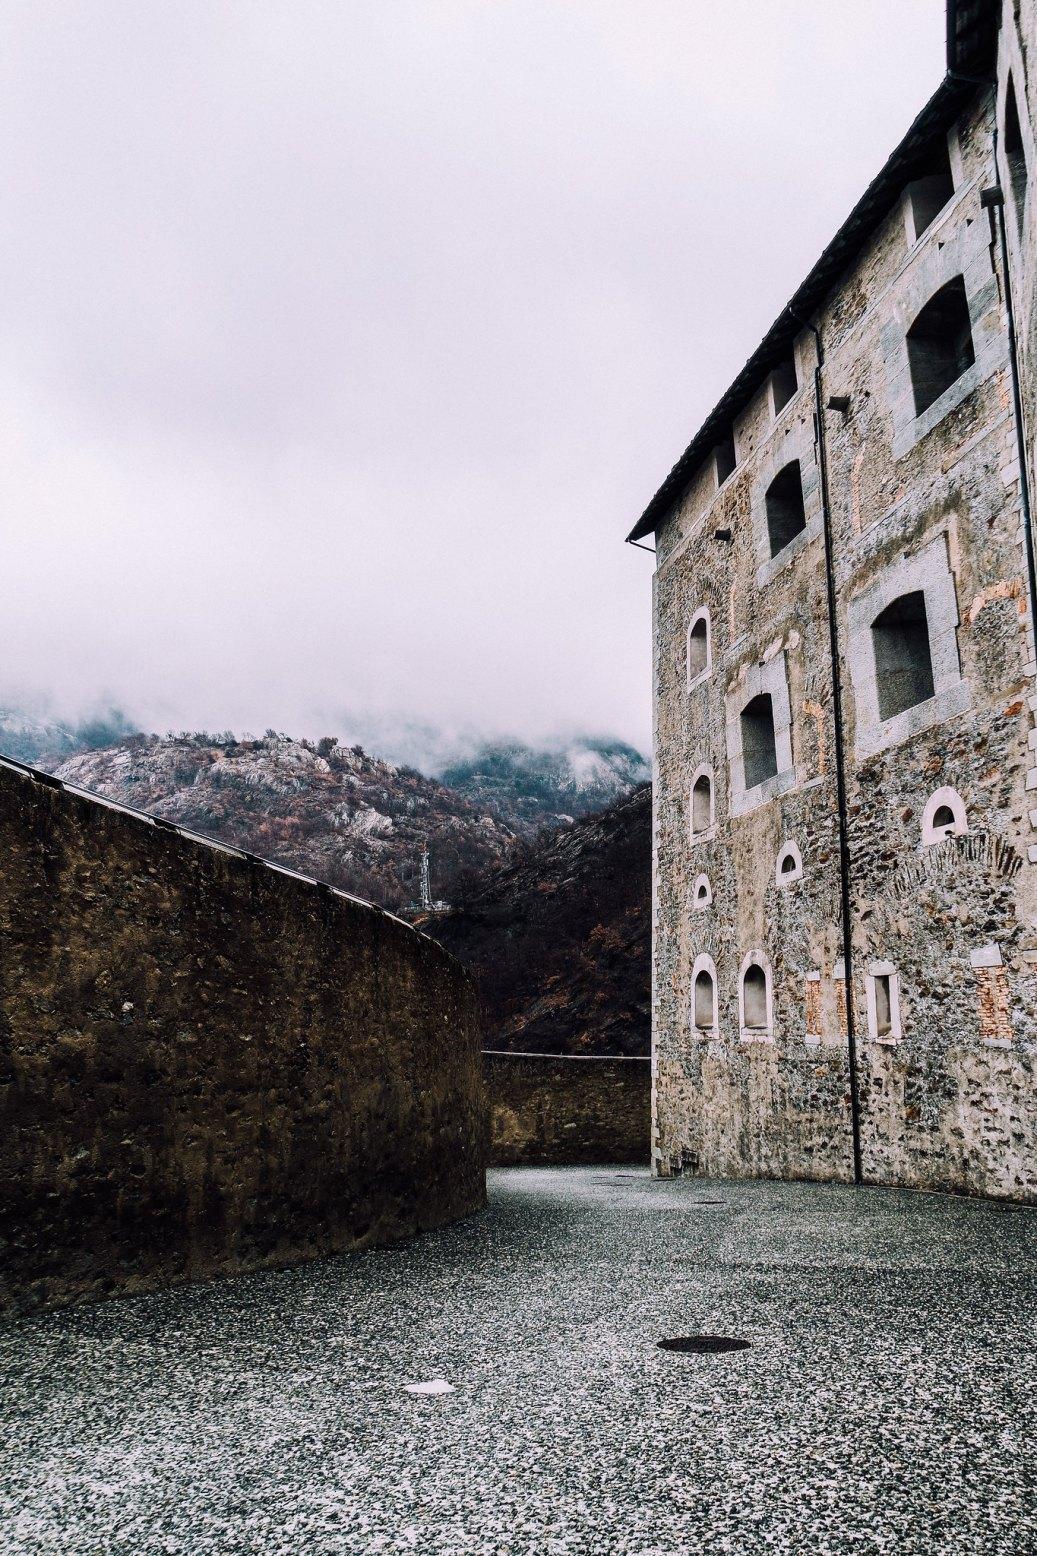 Esterno del Forte di Bard